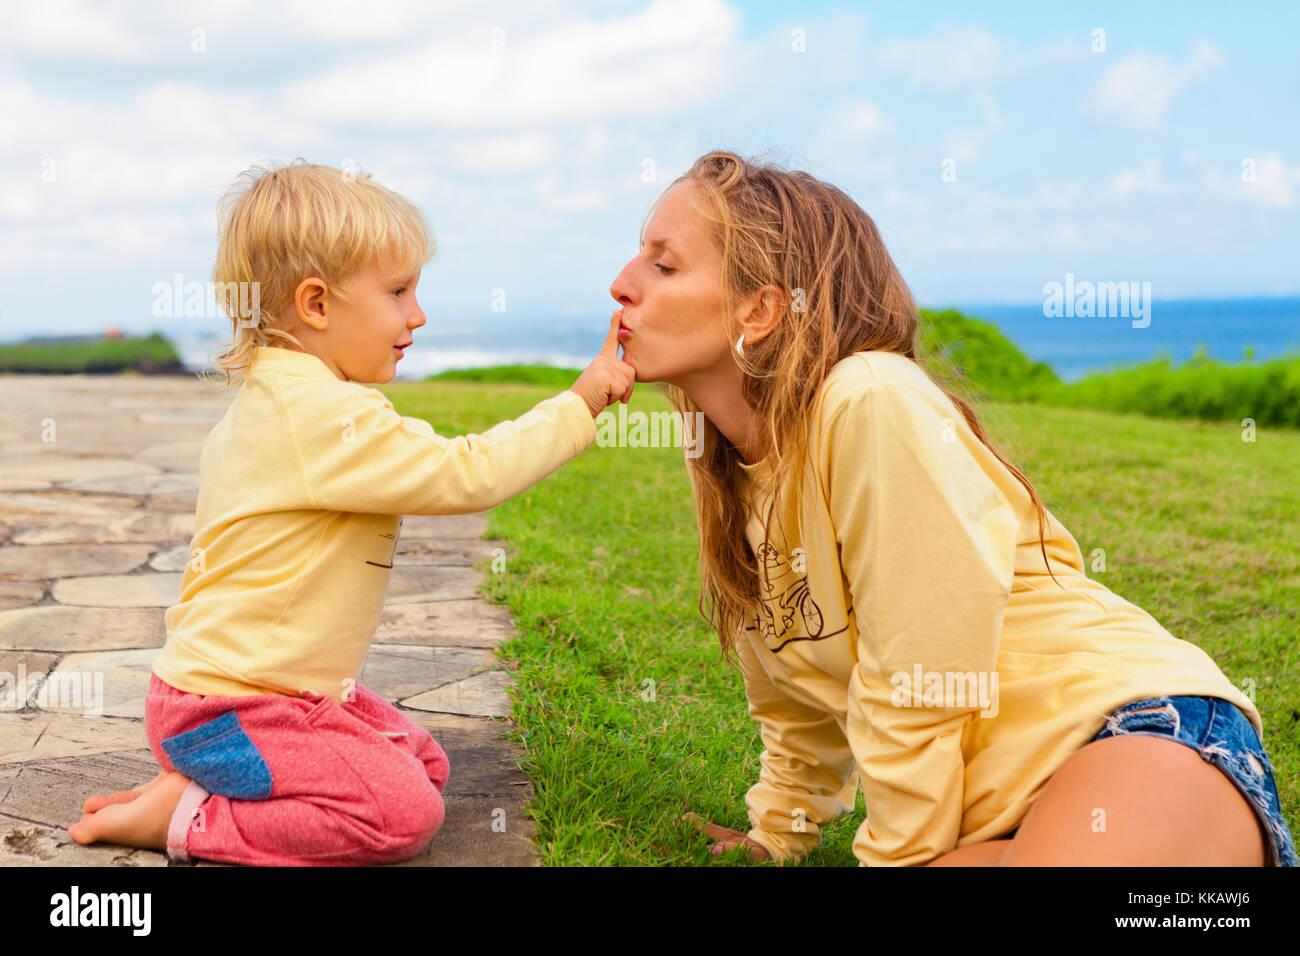 La famiglia felice in fuori a piedi. bambino seduto sul verde prato divertirsi. giovani attraenti bacio madre figlio Immagini Stock